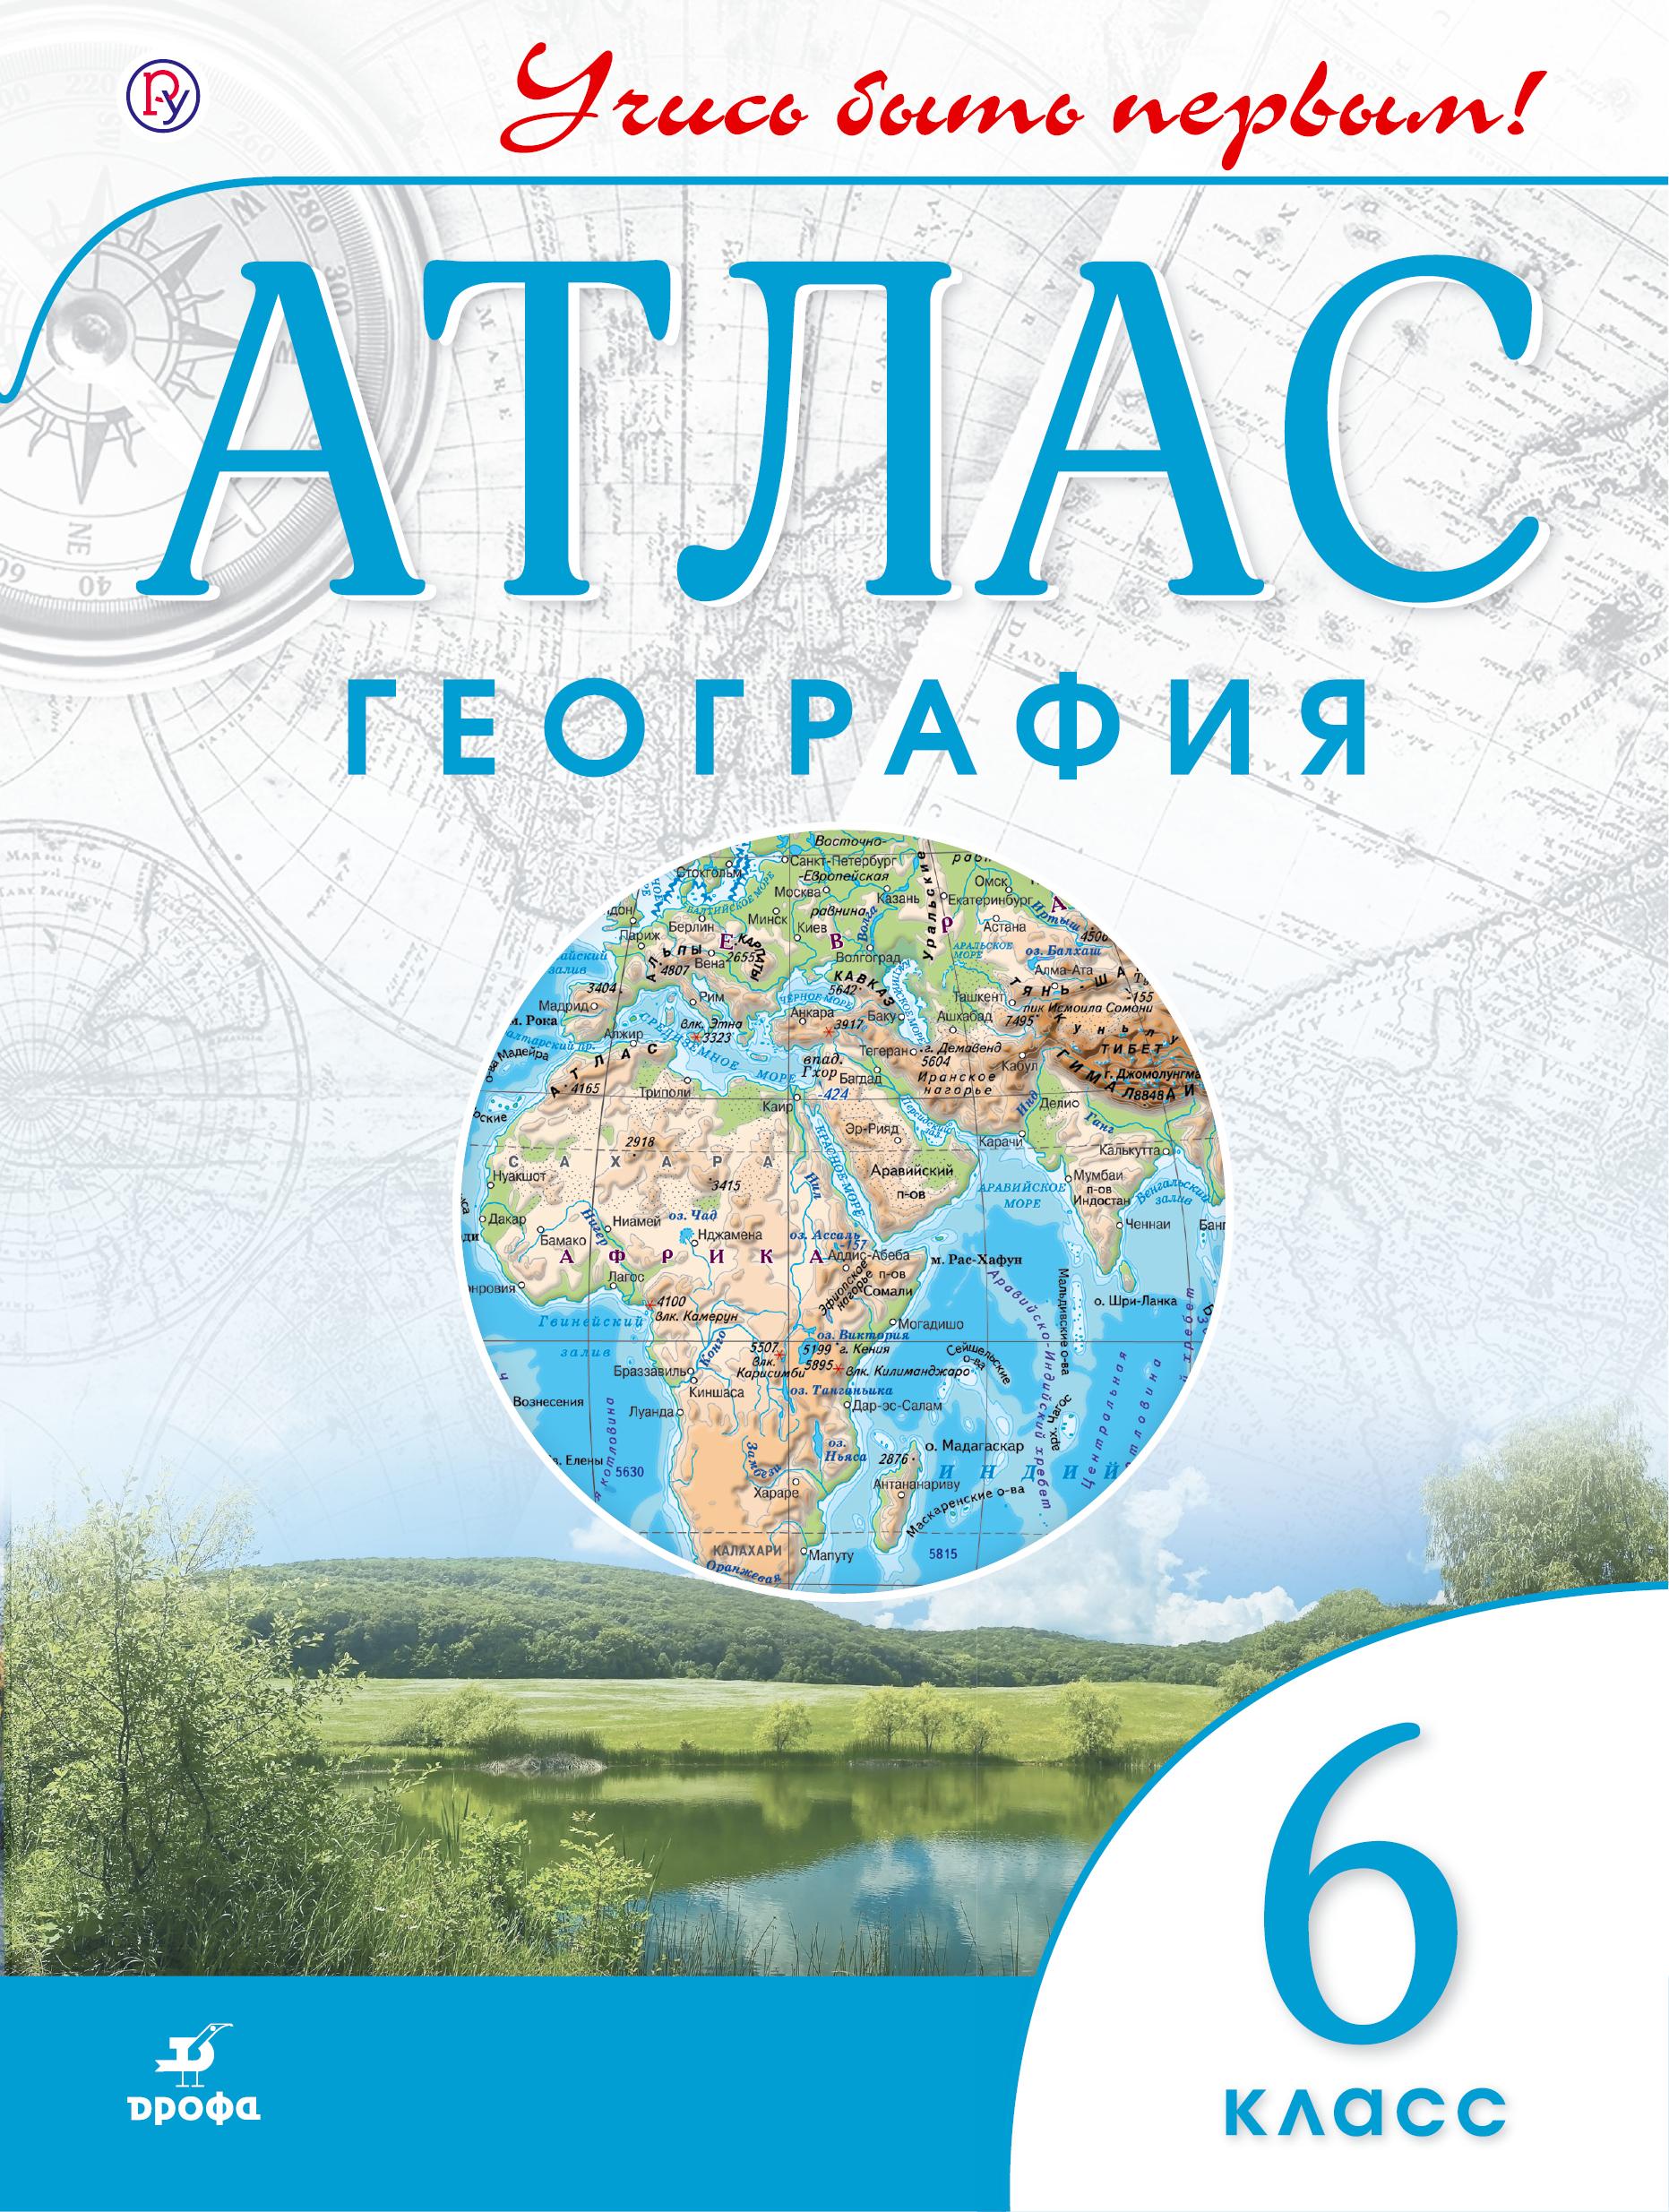 География. 6 класс. Атлас (Учись быть первым!) календарь по географии 6 класс